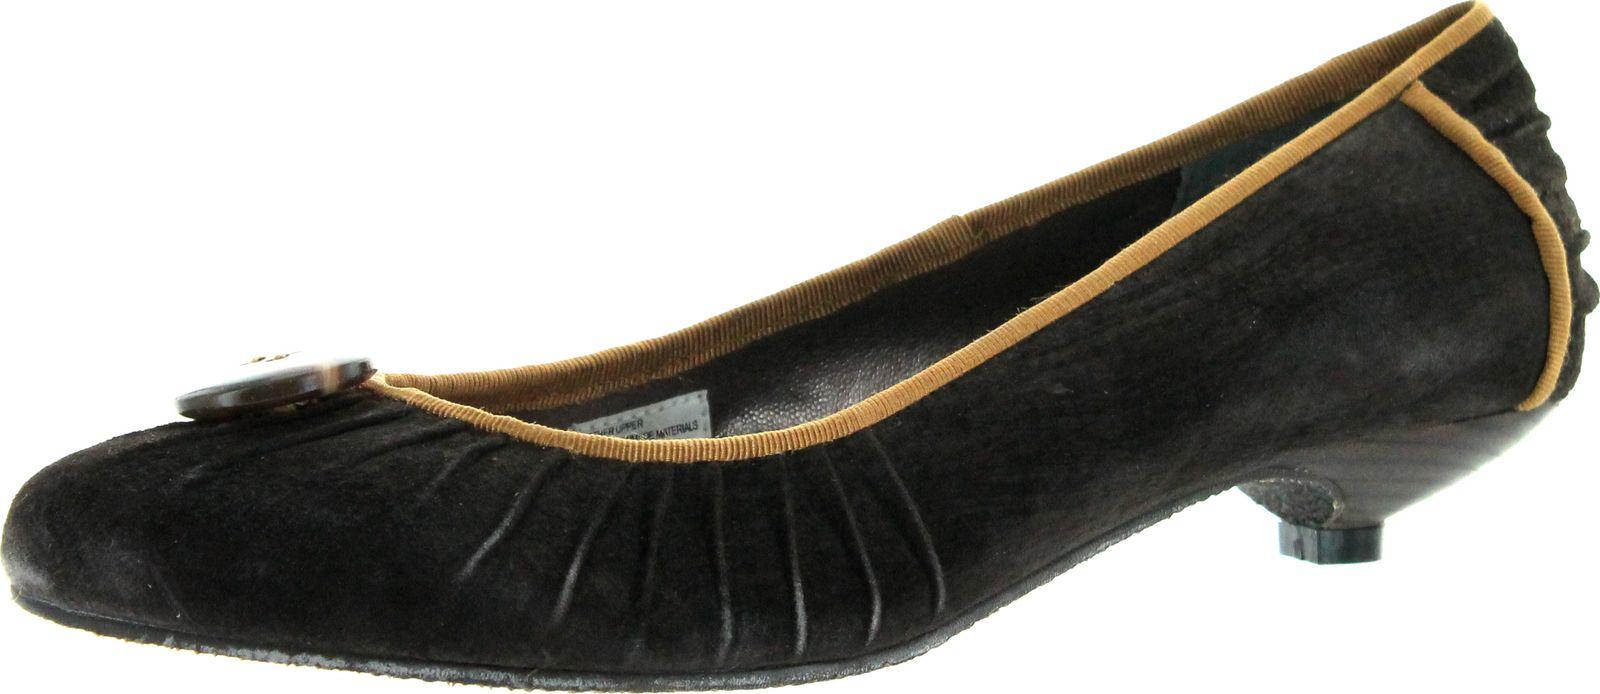 Volatile Womens Victoria Kitten Heel Pumps Shoes  eBay